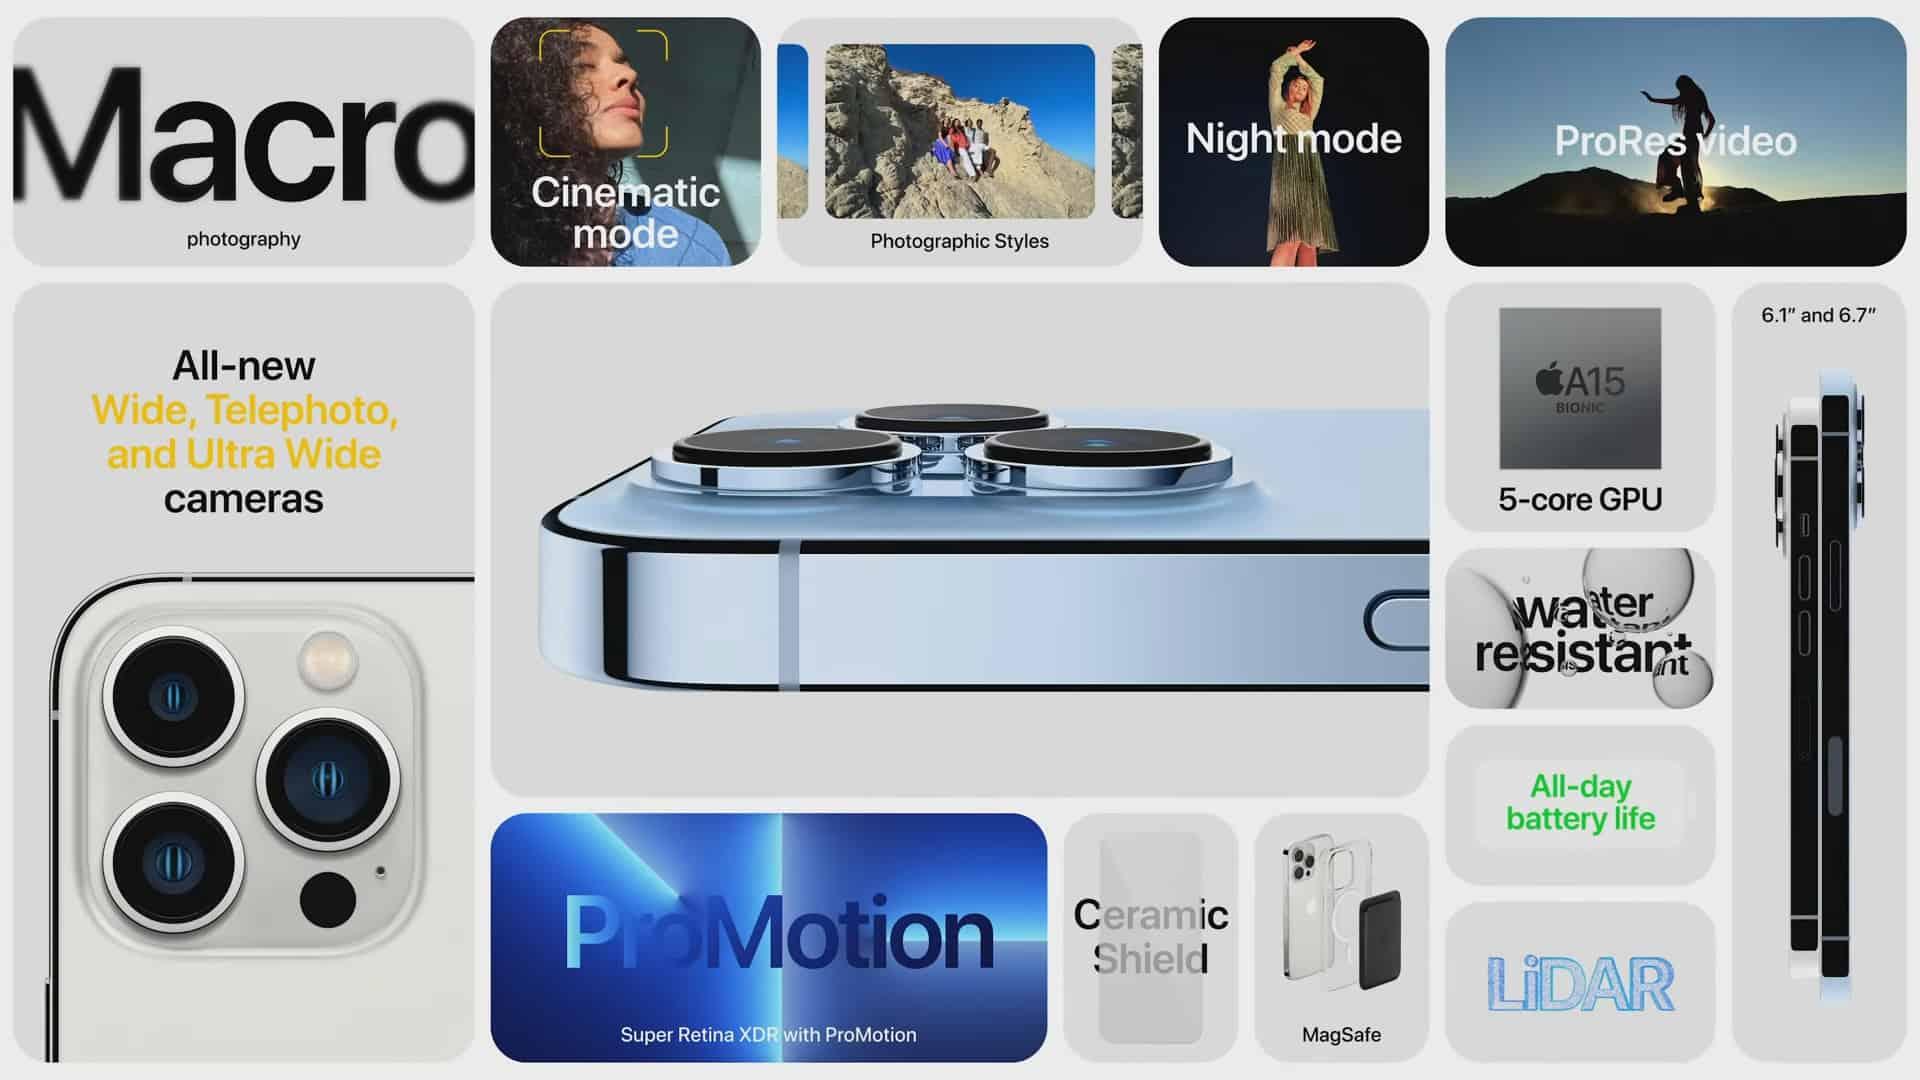 Rangkuman Spesifikasi iPhone 12 Pro